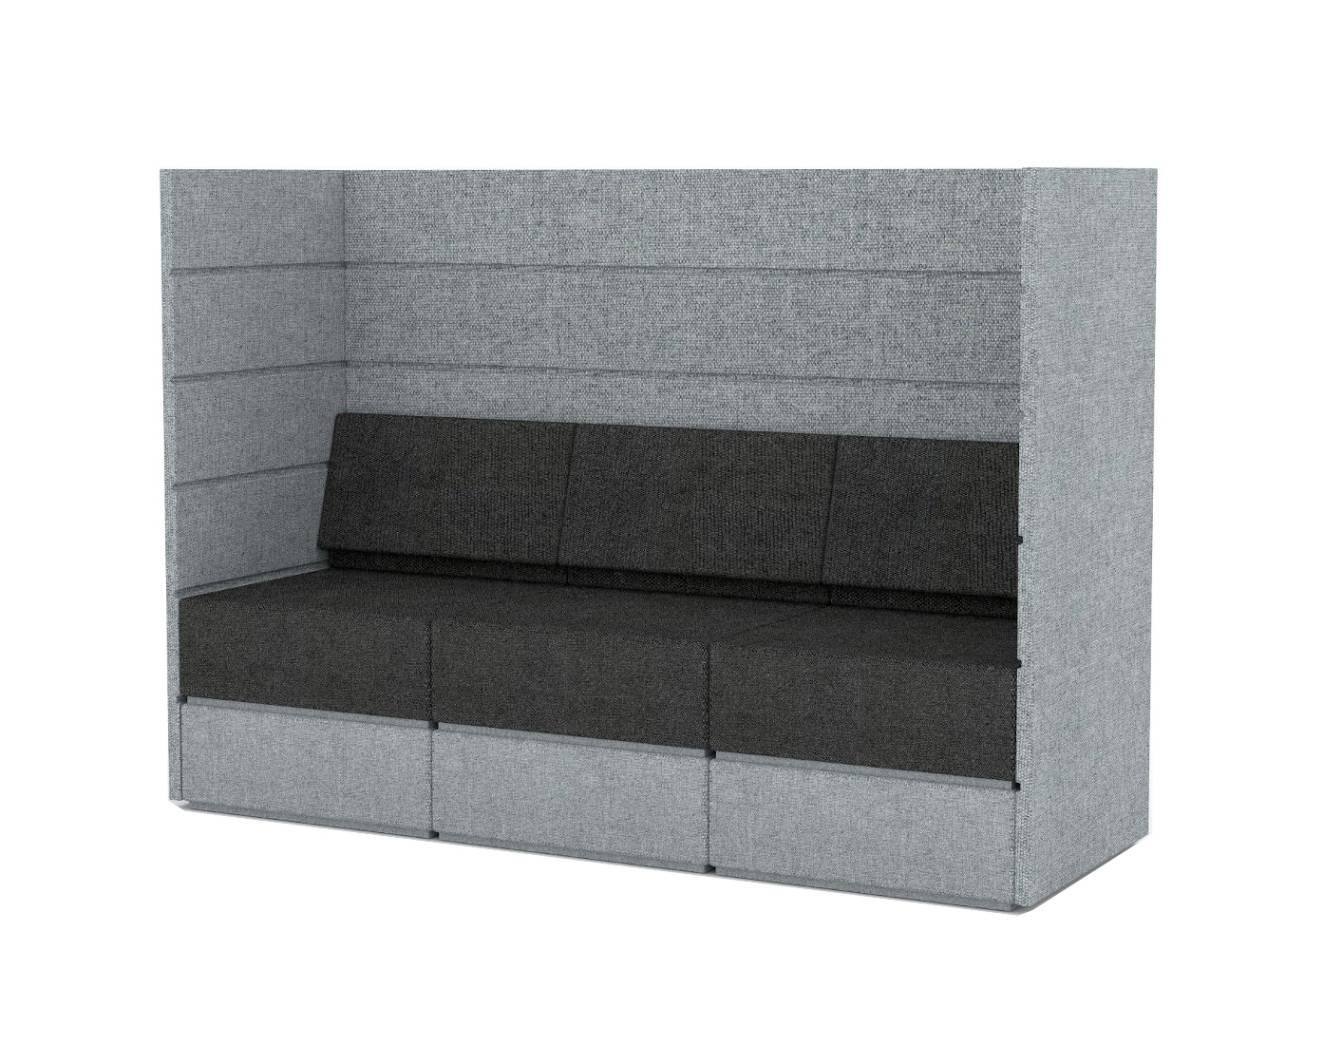 Magnus Olesen Addi Meeting Akustik Highback Sofa MO 5357 Design Möbel